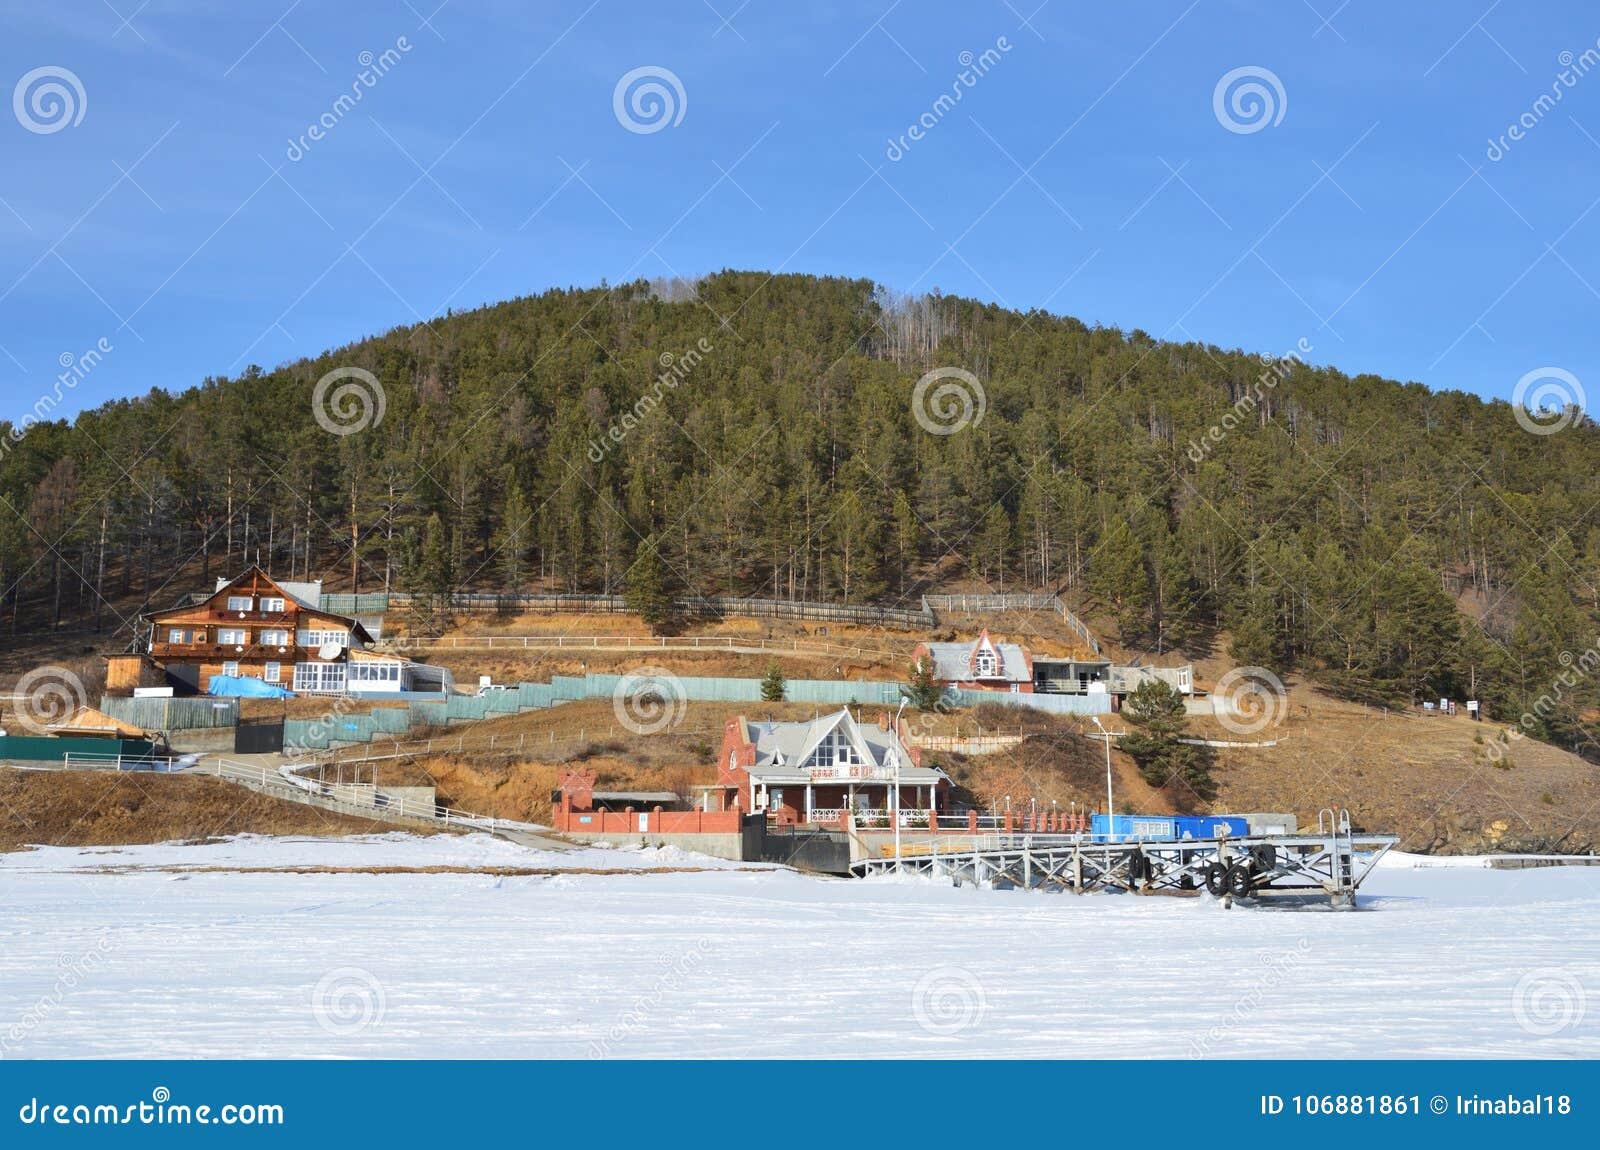 Das Dorf der Bolschewik Koty auf dem Ufer vom Baikalsee im Winter